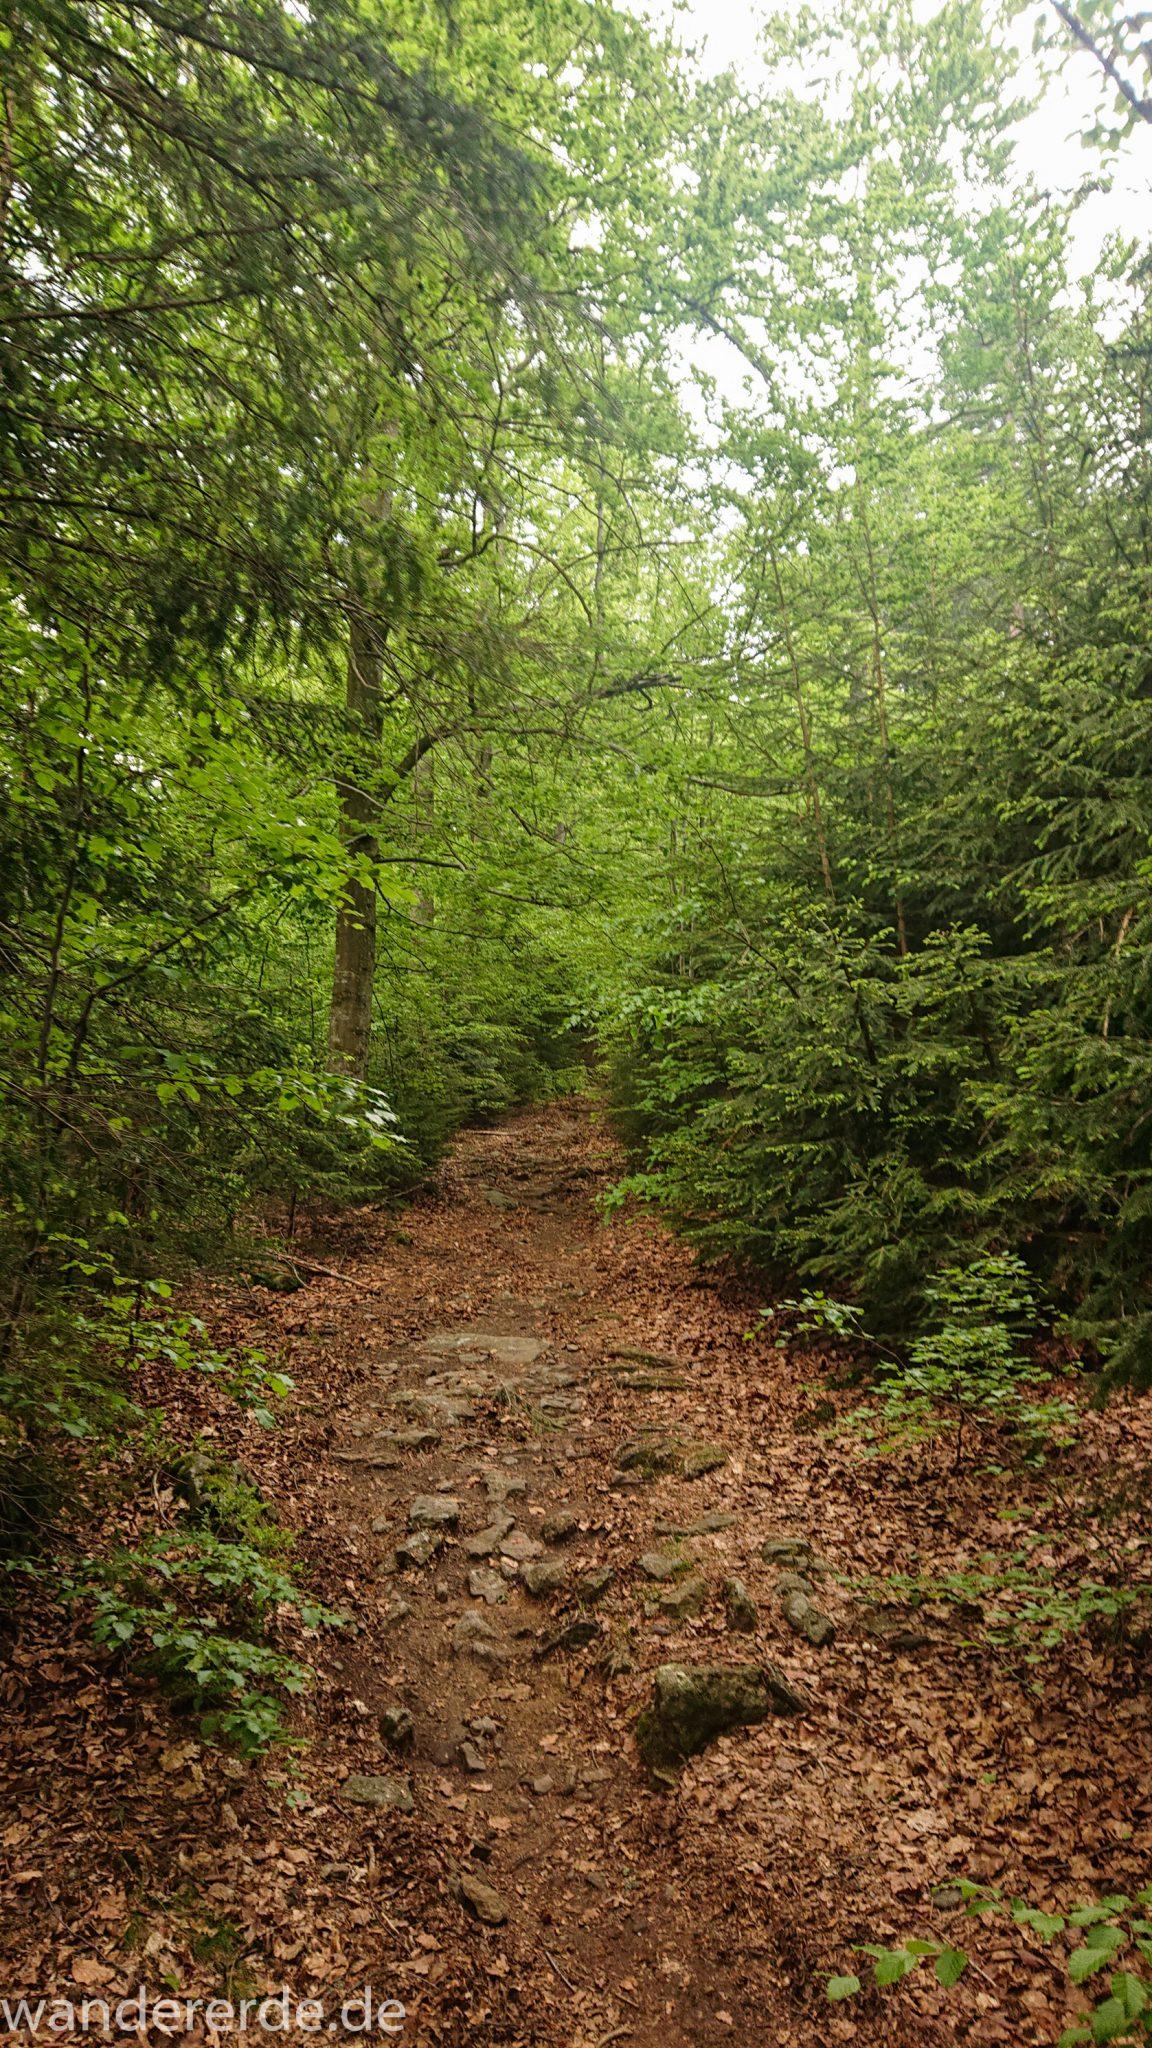 Wanderung Großer Rachel im Nationalpark Bayerischer Wald, Start Parkplatz Oberfrauenau, toller naturbelassener Wanderweg mit kühlendem Schatten, schöner dichter Wald